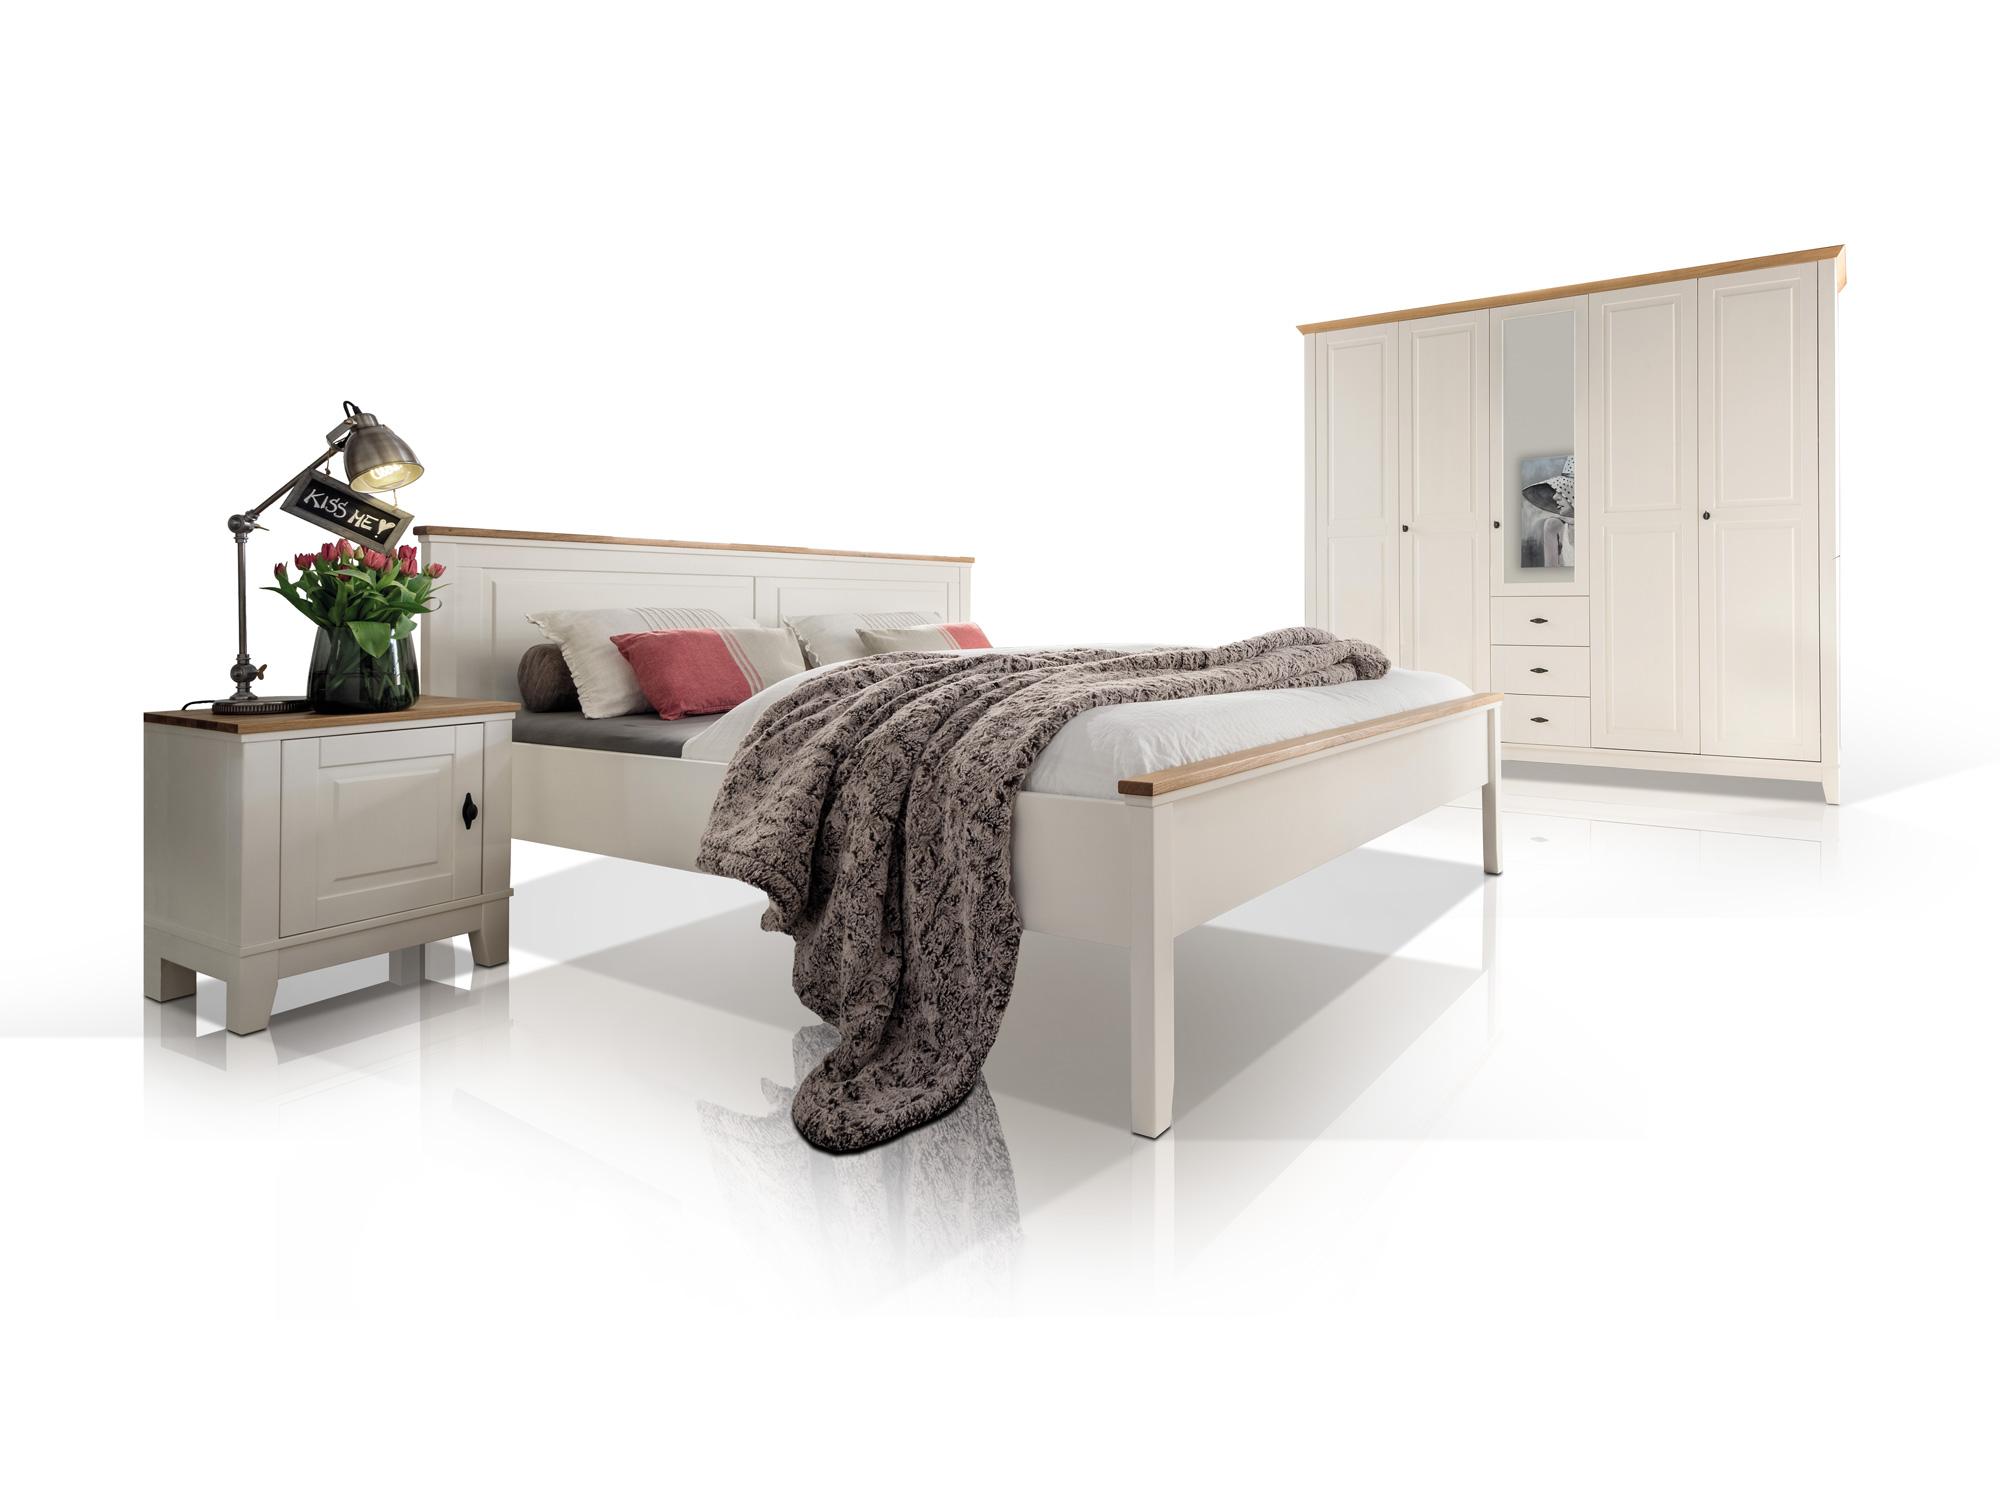 Schlafzimmer creme eiche inspiration f r die gestaltung der besten r ume - Schlafzimmer la vida ...